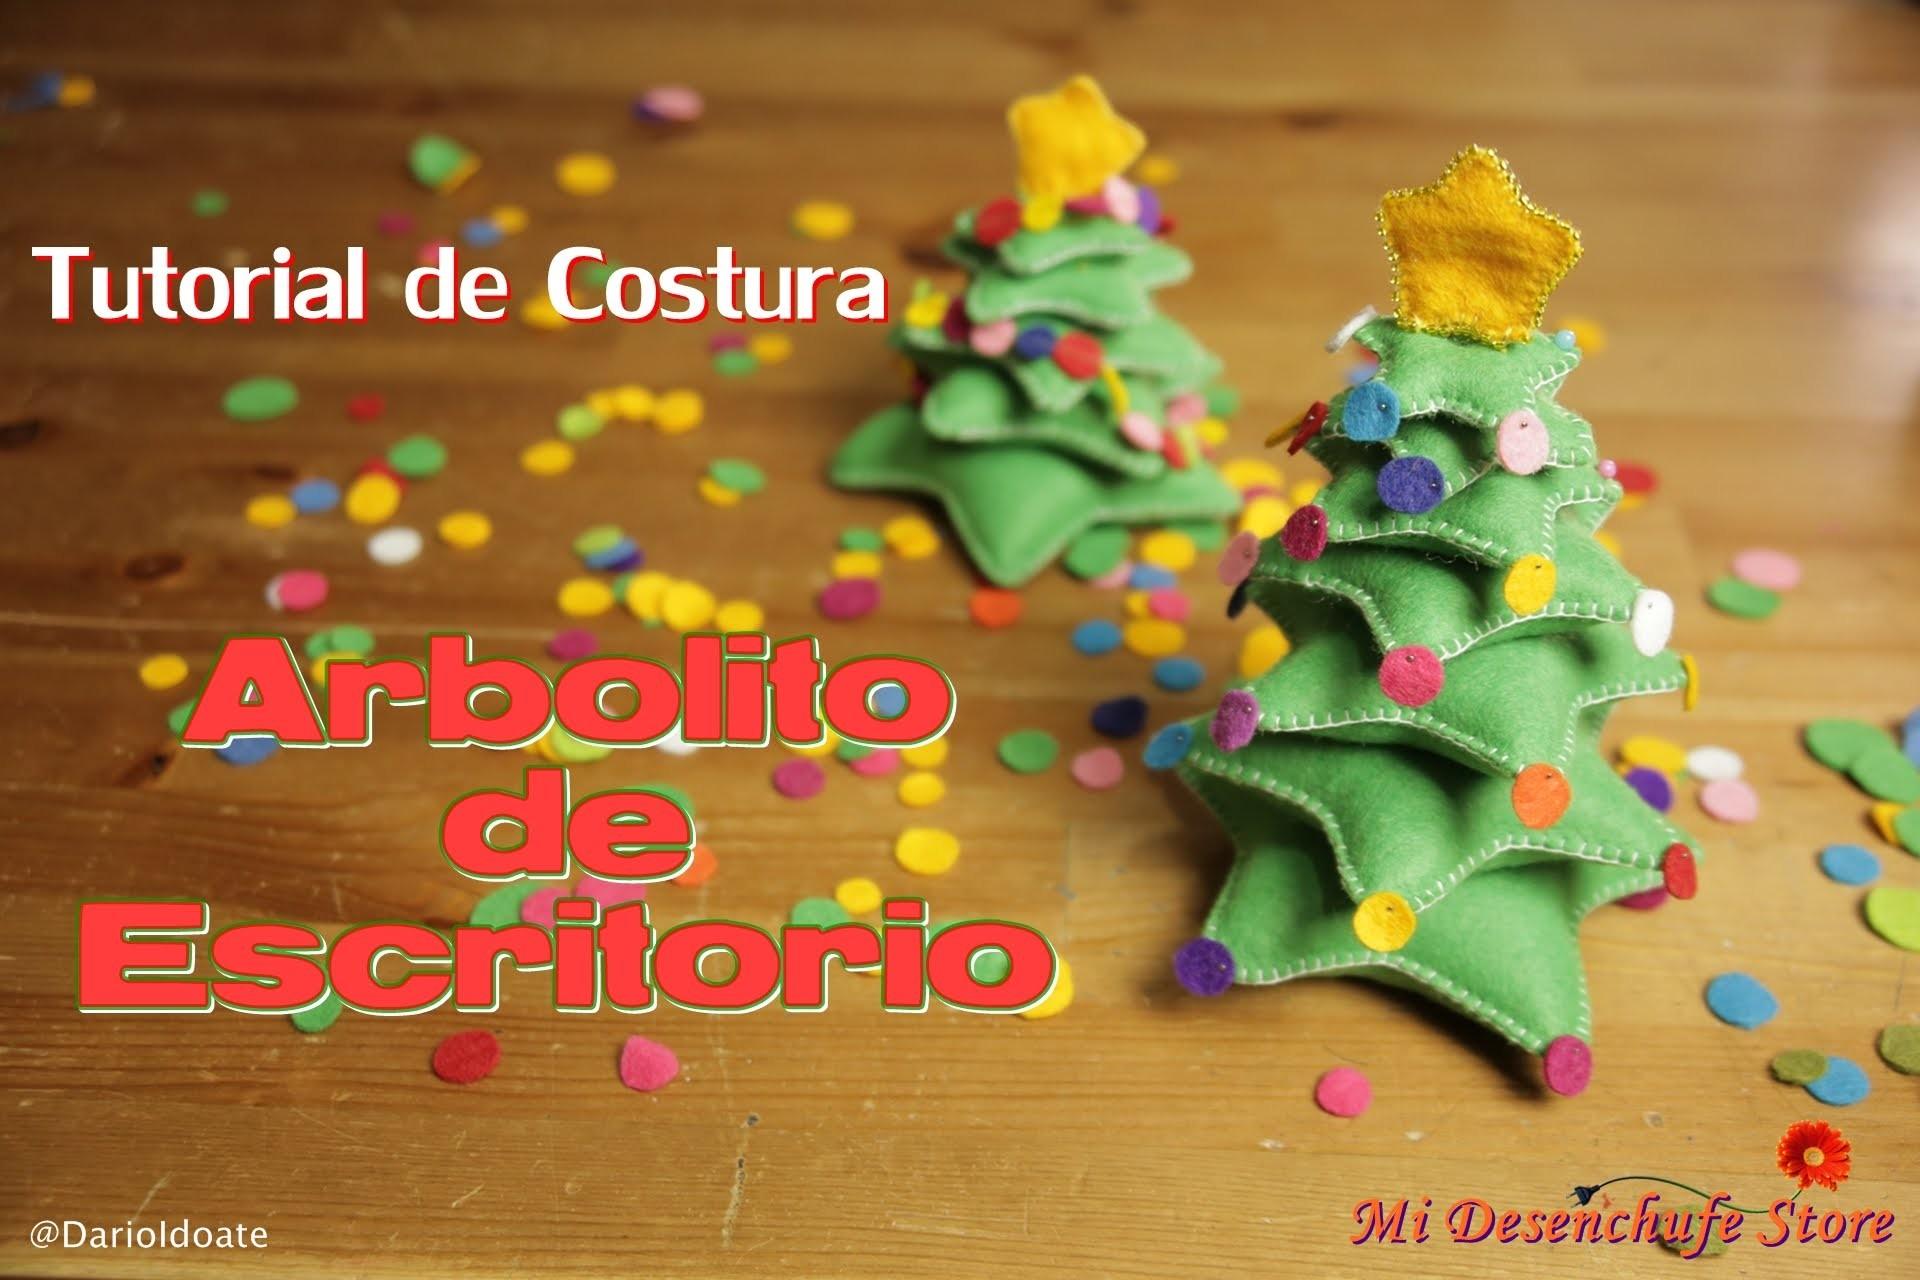 Tutorial #22 - Como hacer un Arbolito de Escritorio 3D - How to make a felt christmas tree